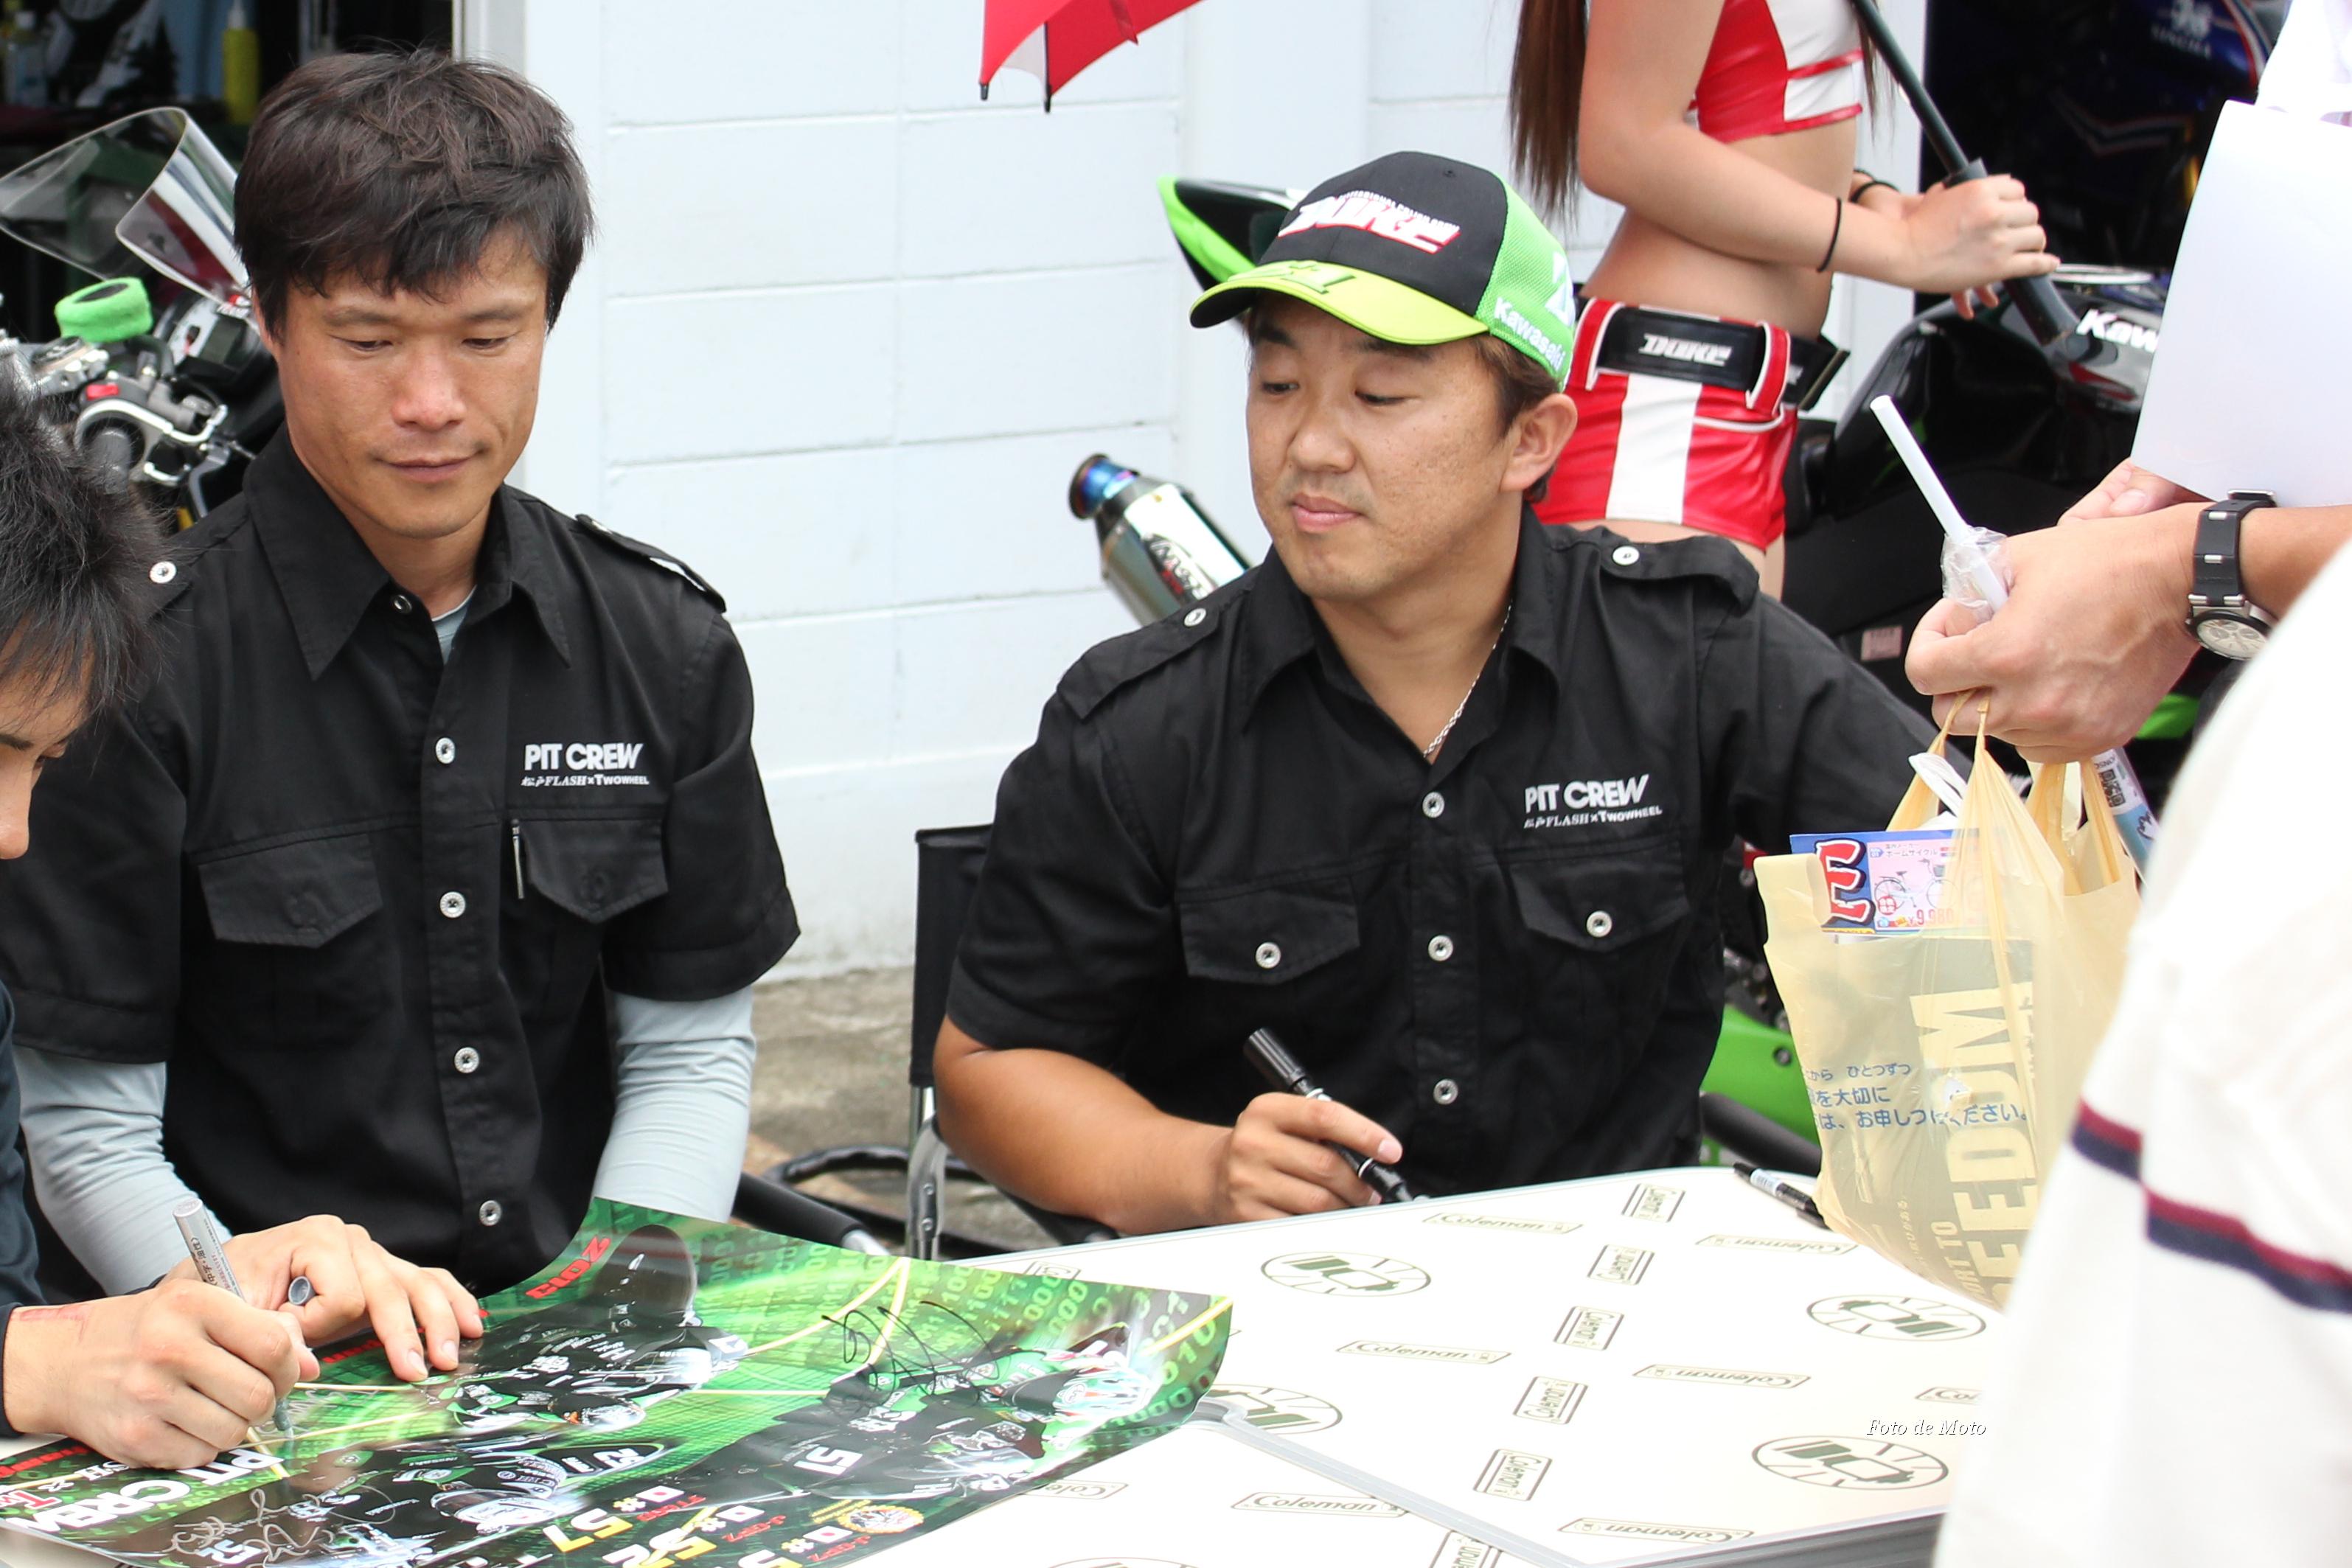 J-GP2 #52 PITCREW&TWOWHEEL KOREA HANGDAE CHO MZX-6R